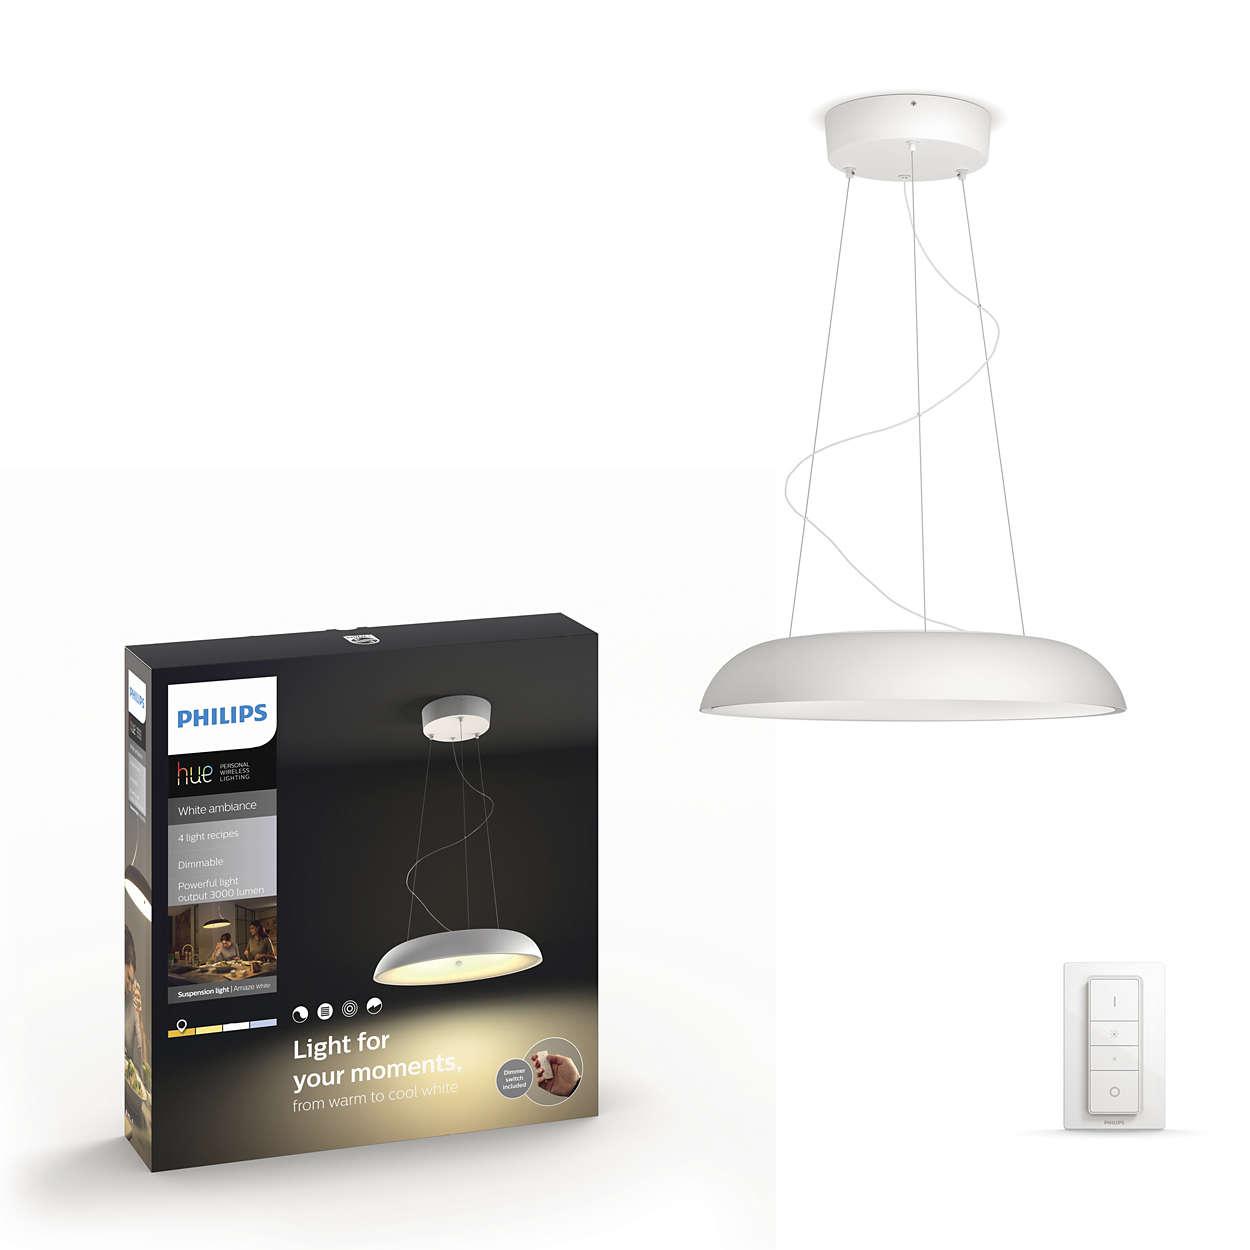 O design exclusivo adapta-se a qualquer decoração interior